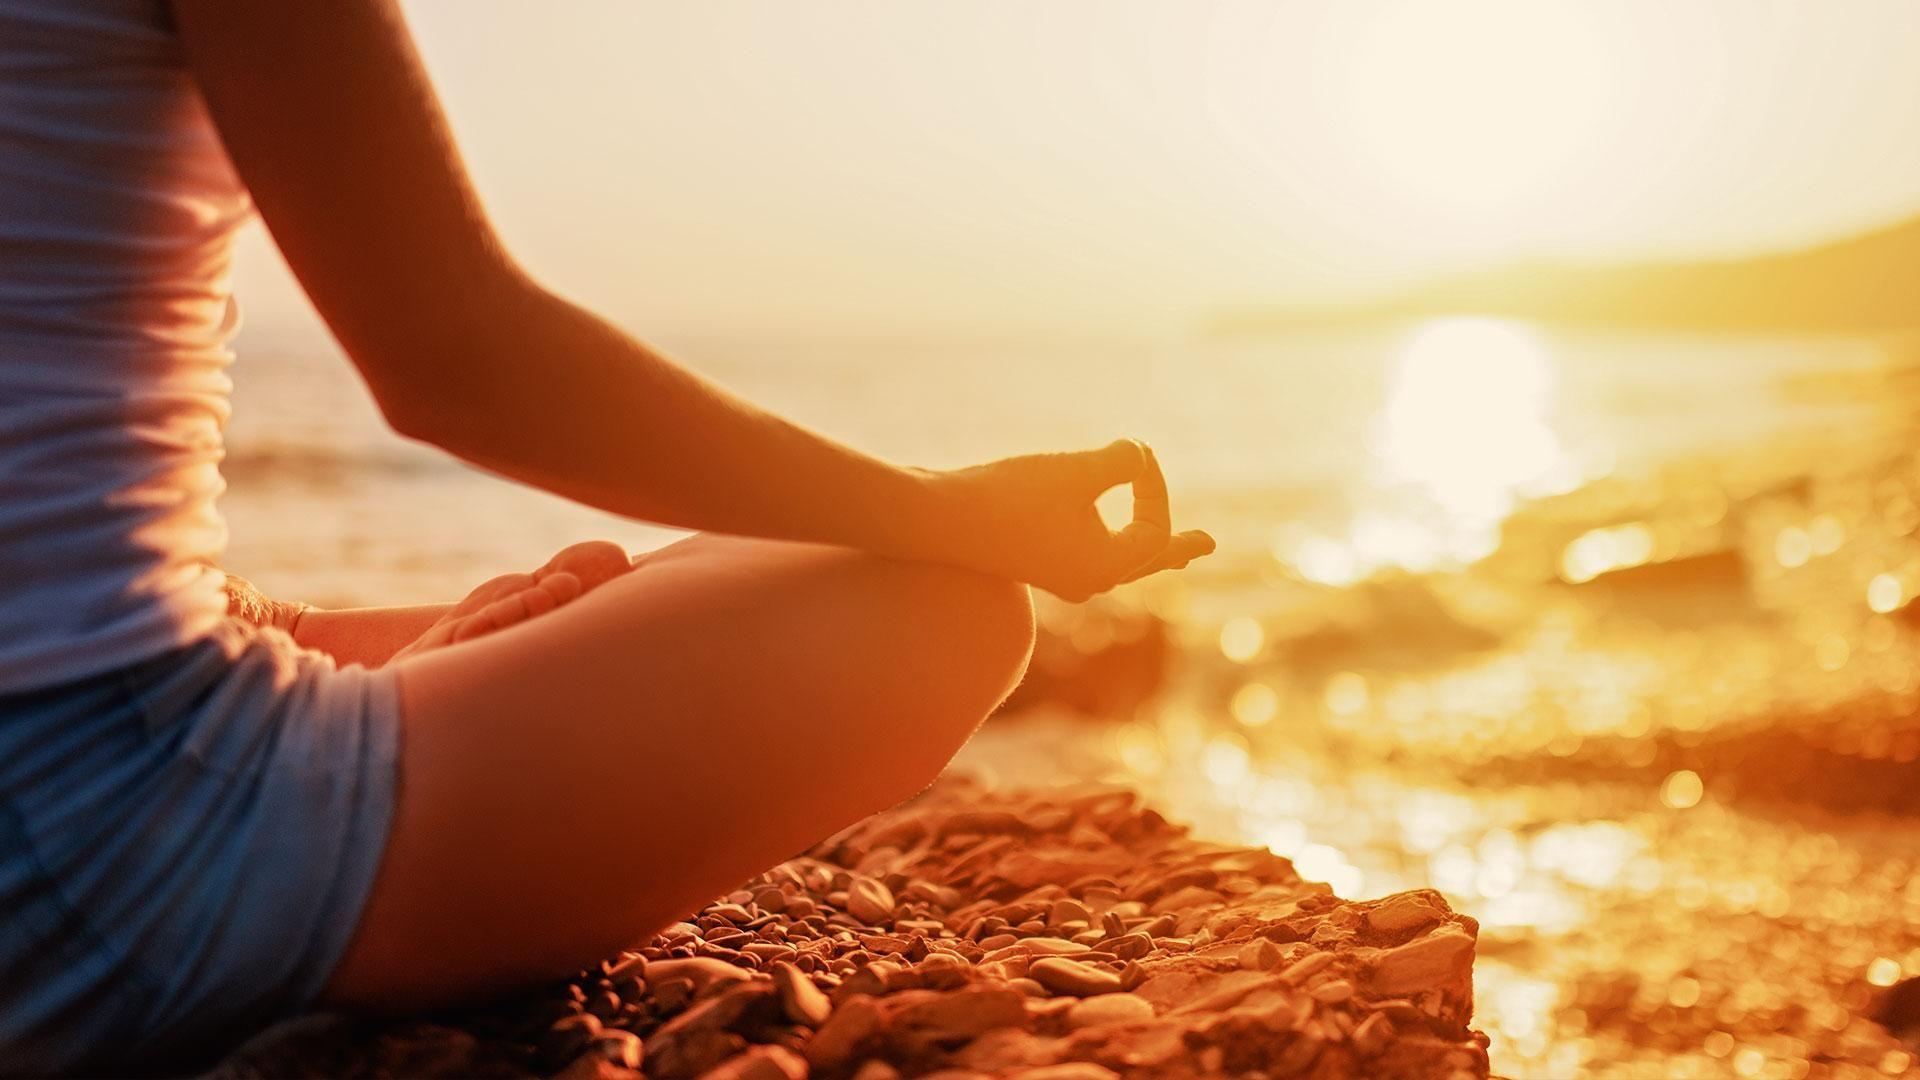 Meditation Desktop Wallpaper